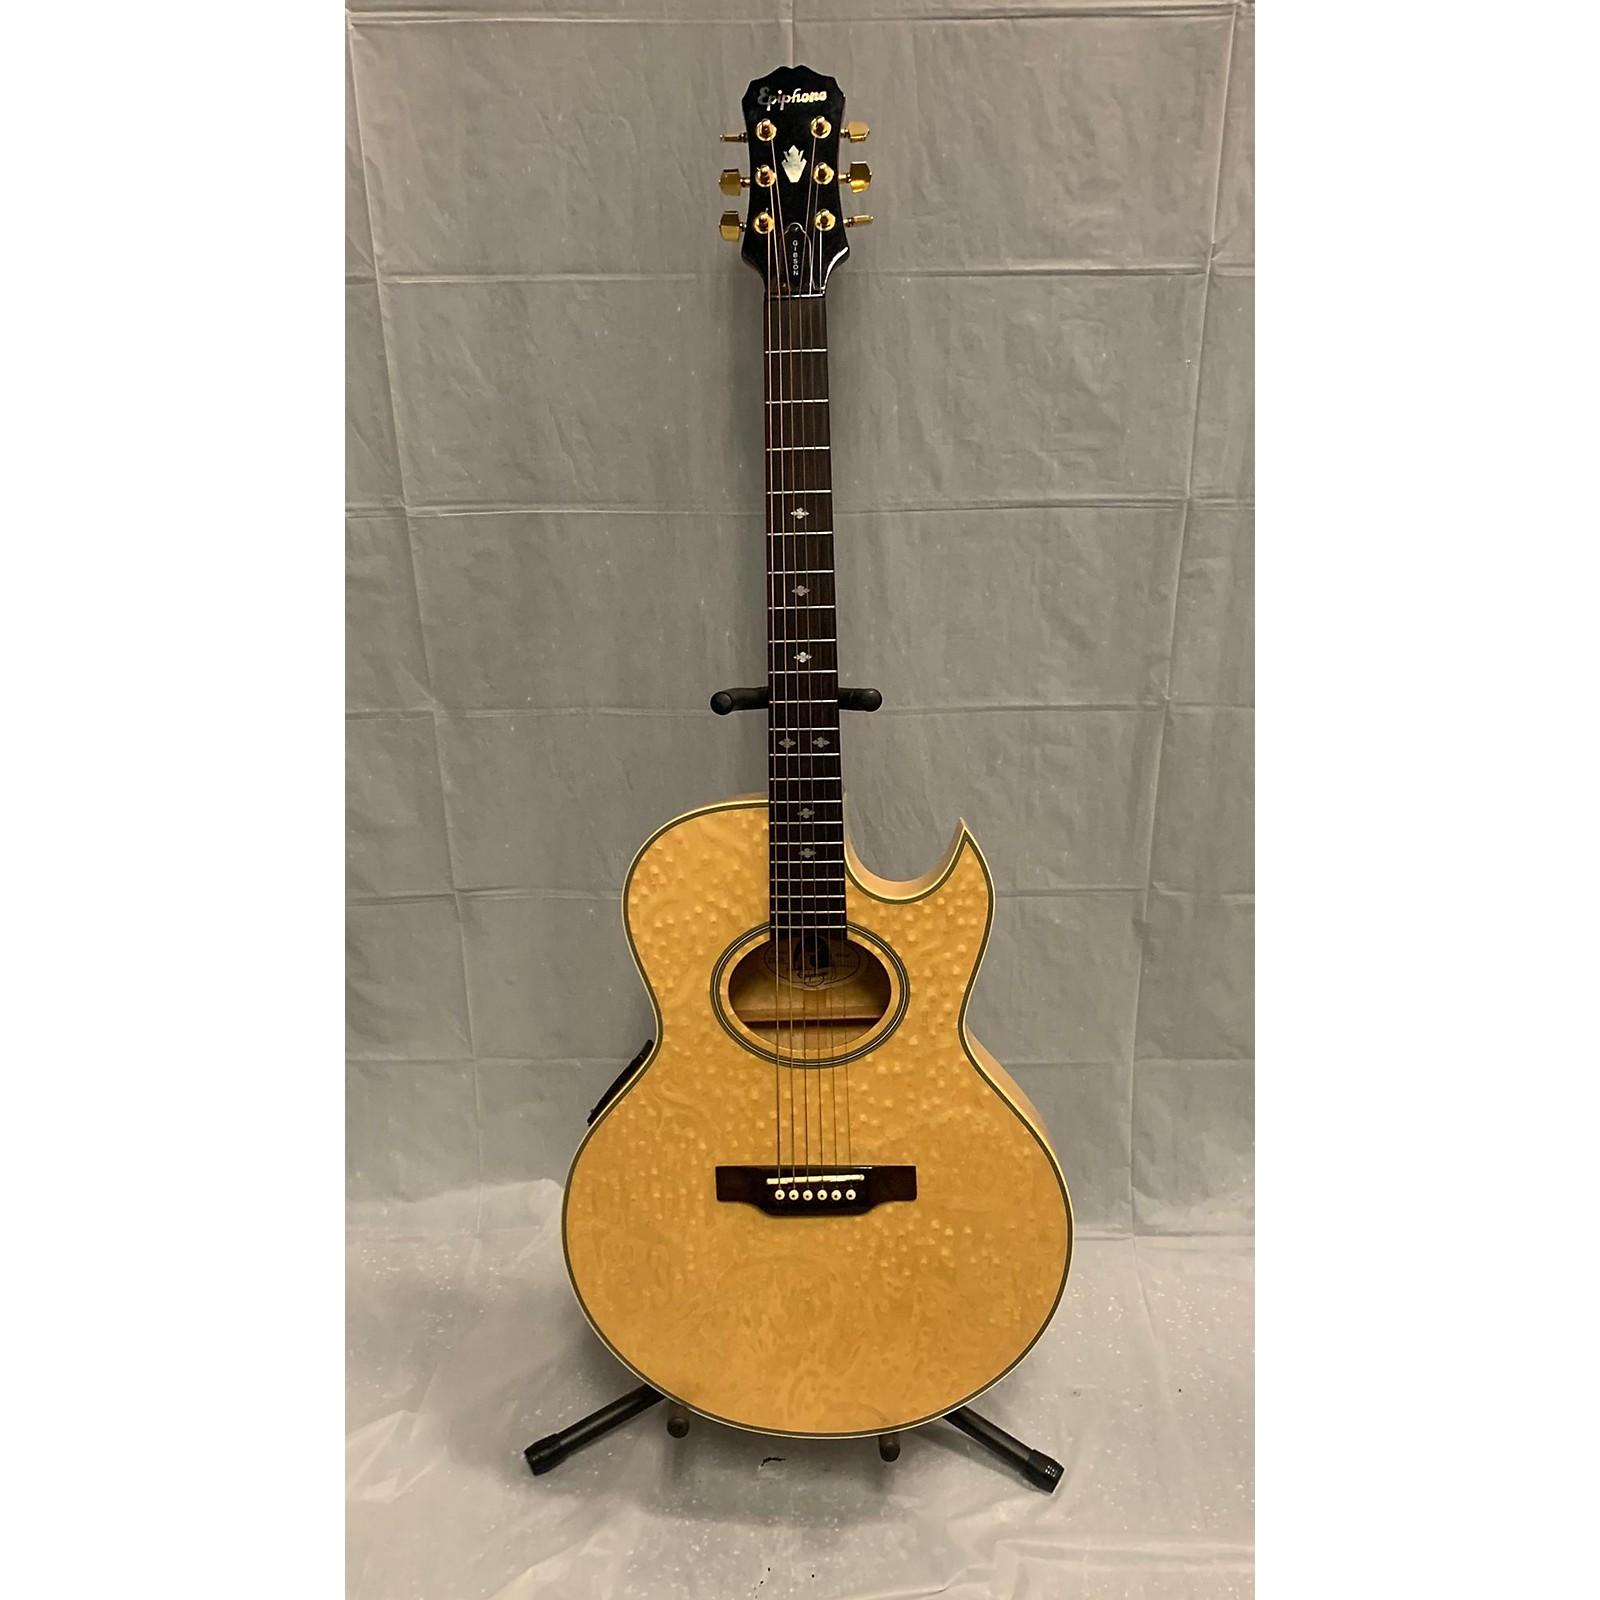 Epiphone Pr7e Acoustic Guitar